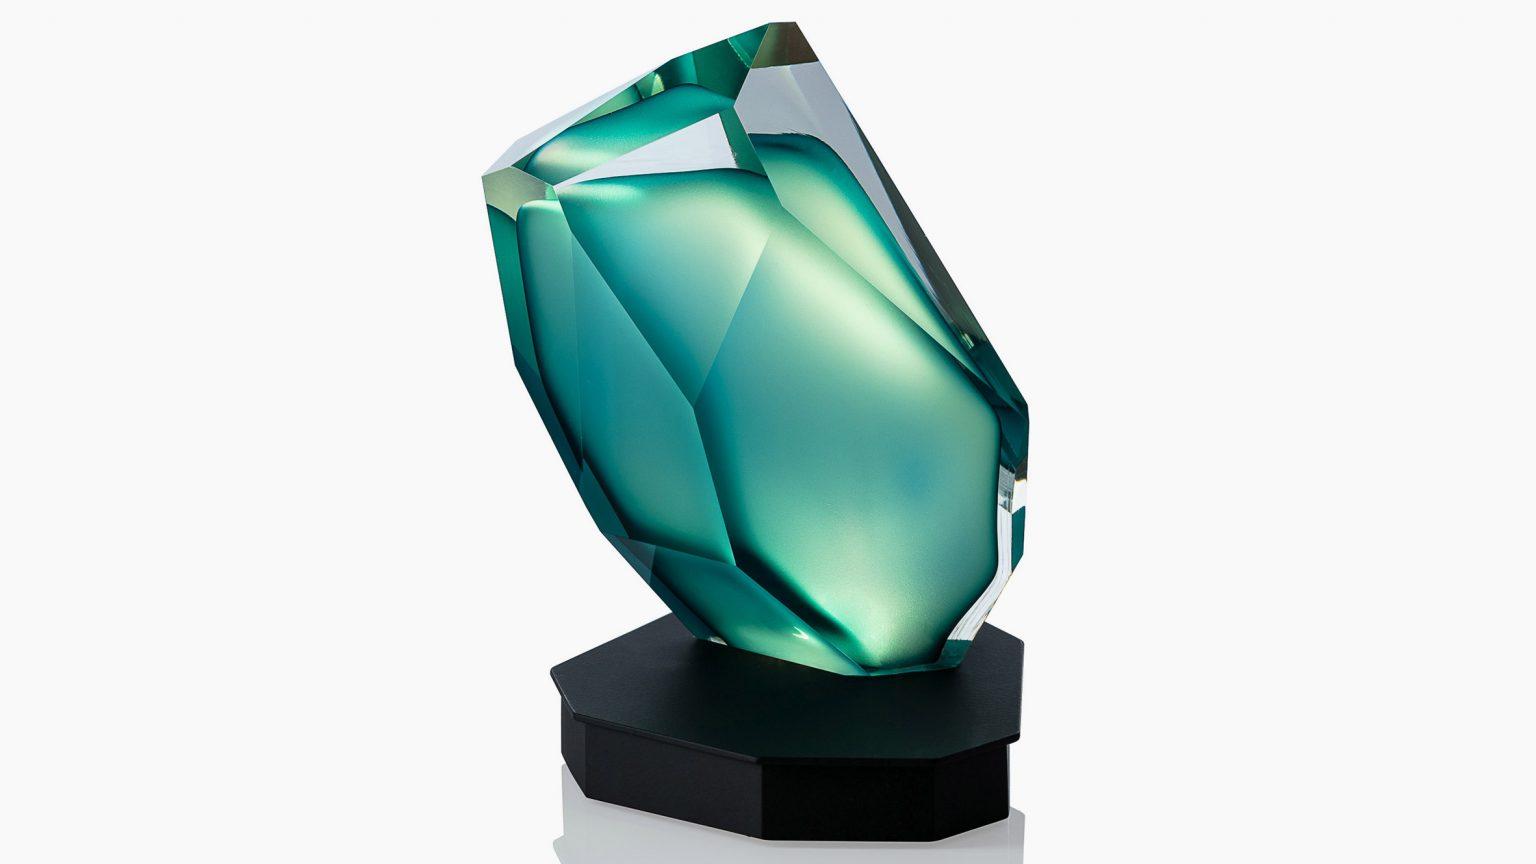 Đèn bàn thủy tinh Crystal RockchoLasvit